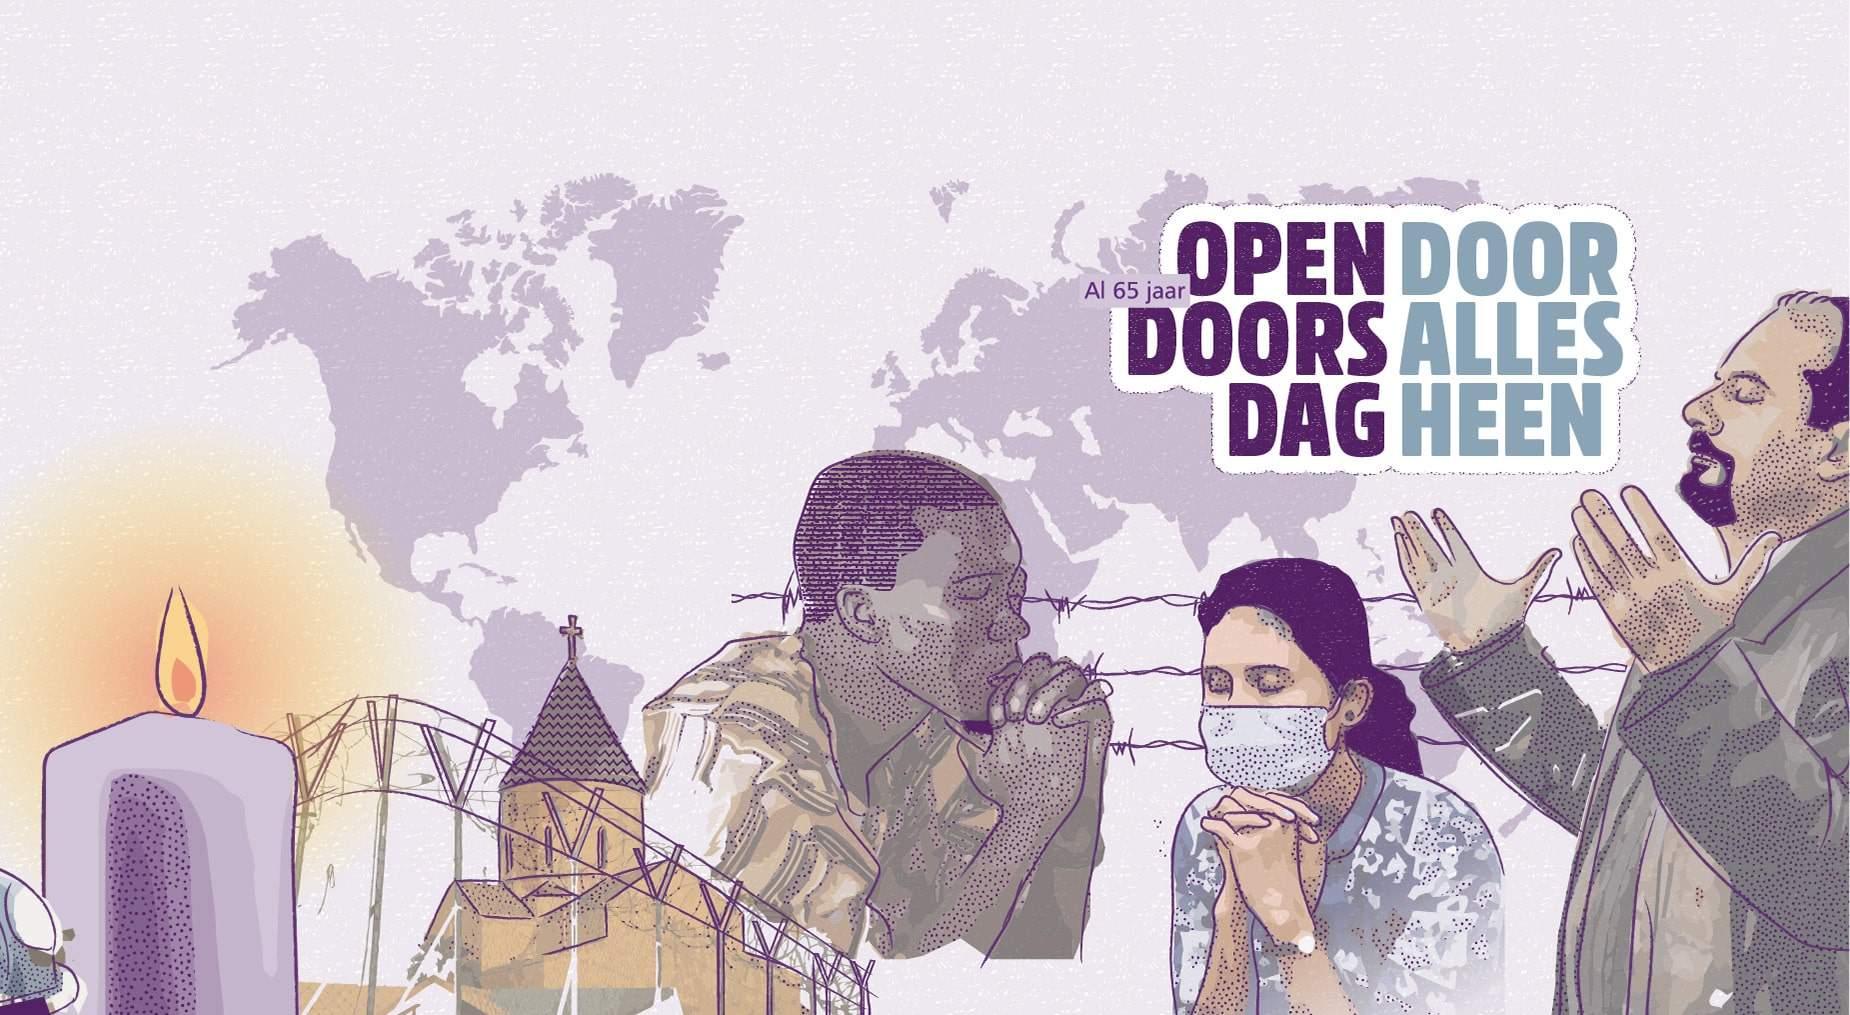 (c) Opendoors.nl